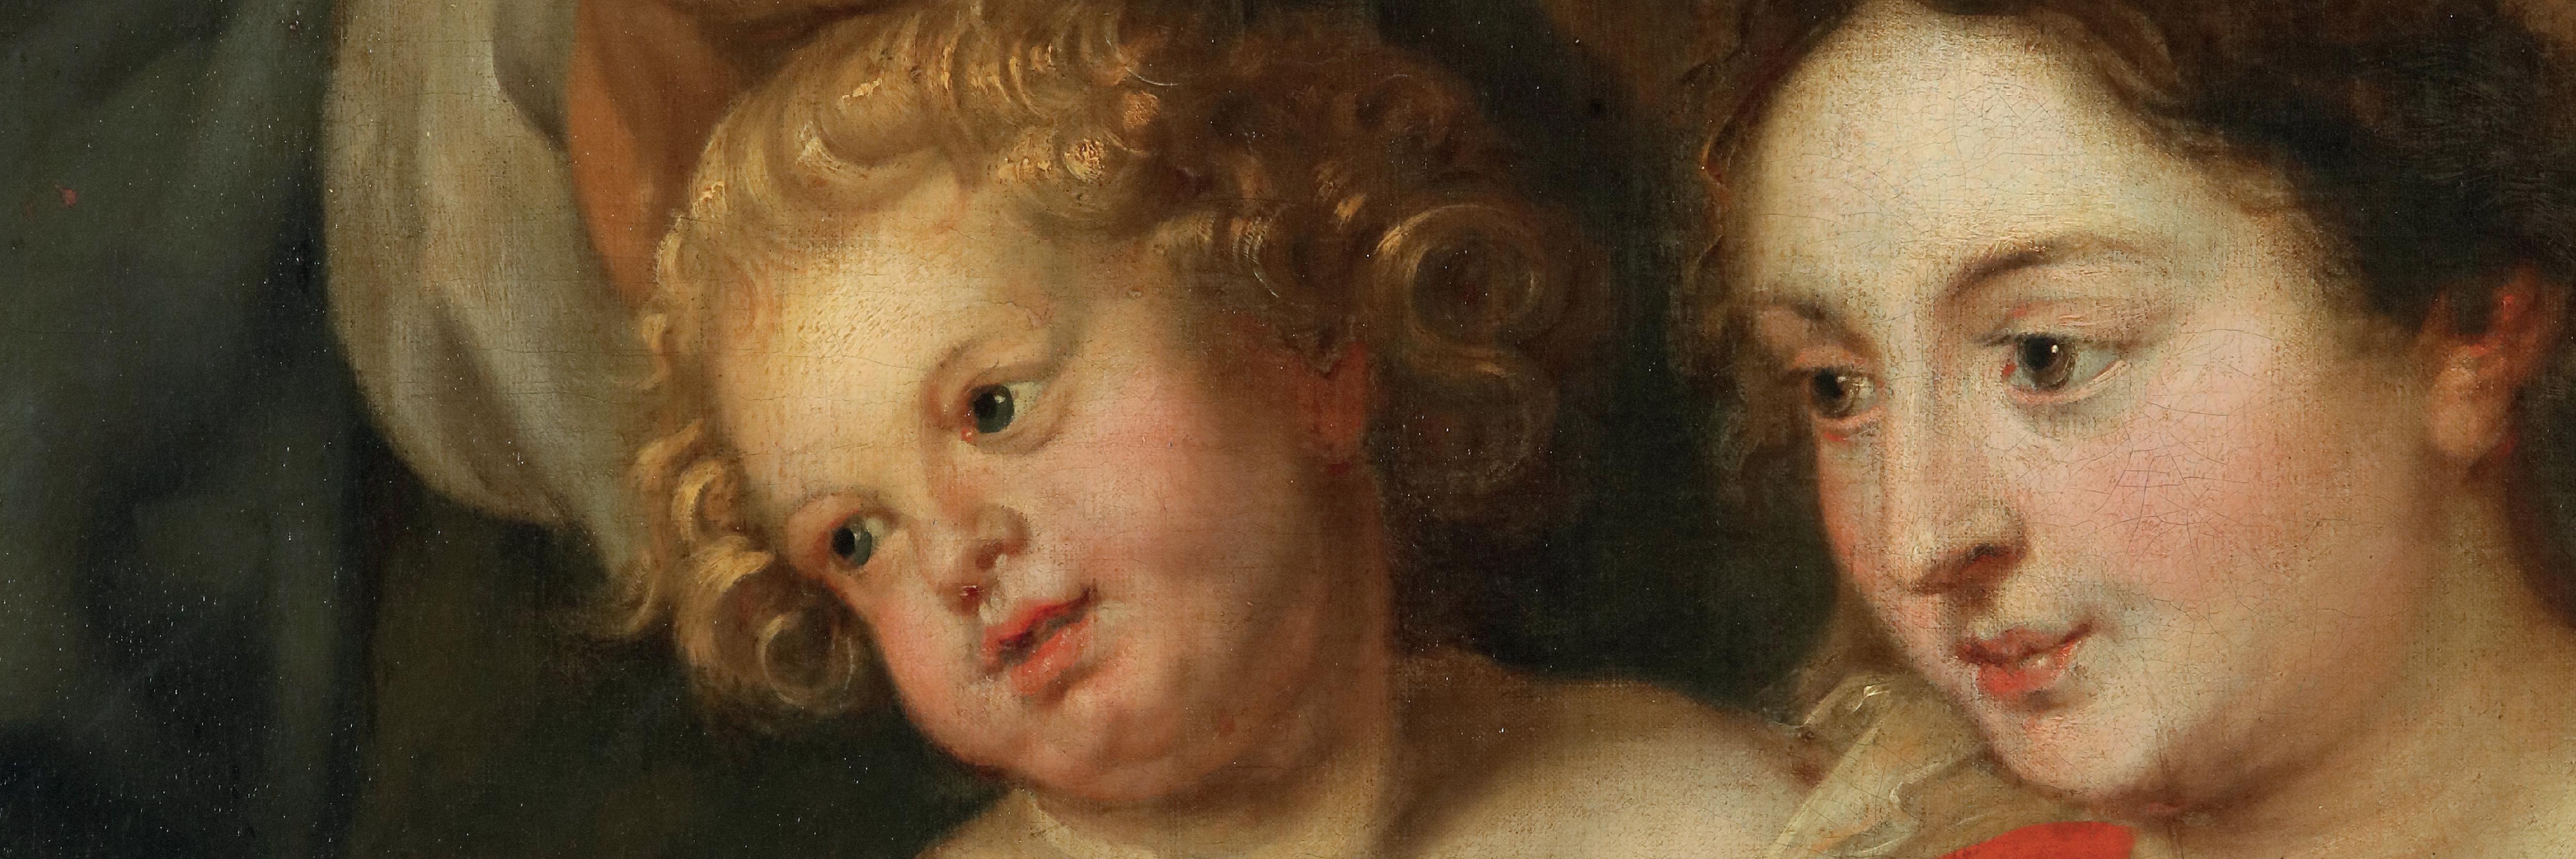 Pierre Paul Rubens (école de), Sainte Famille